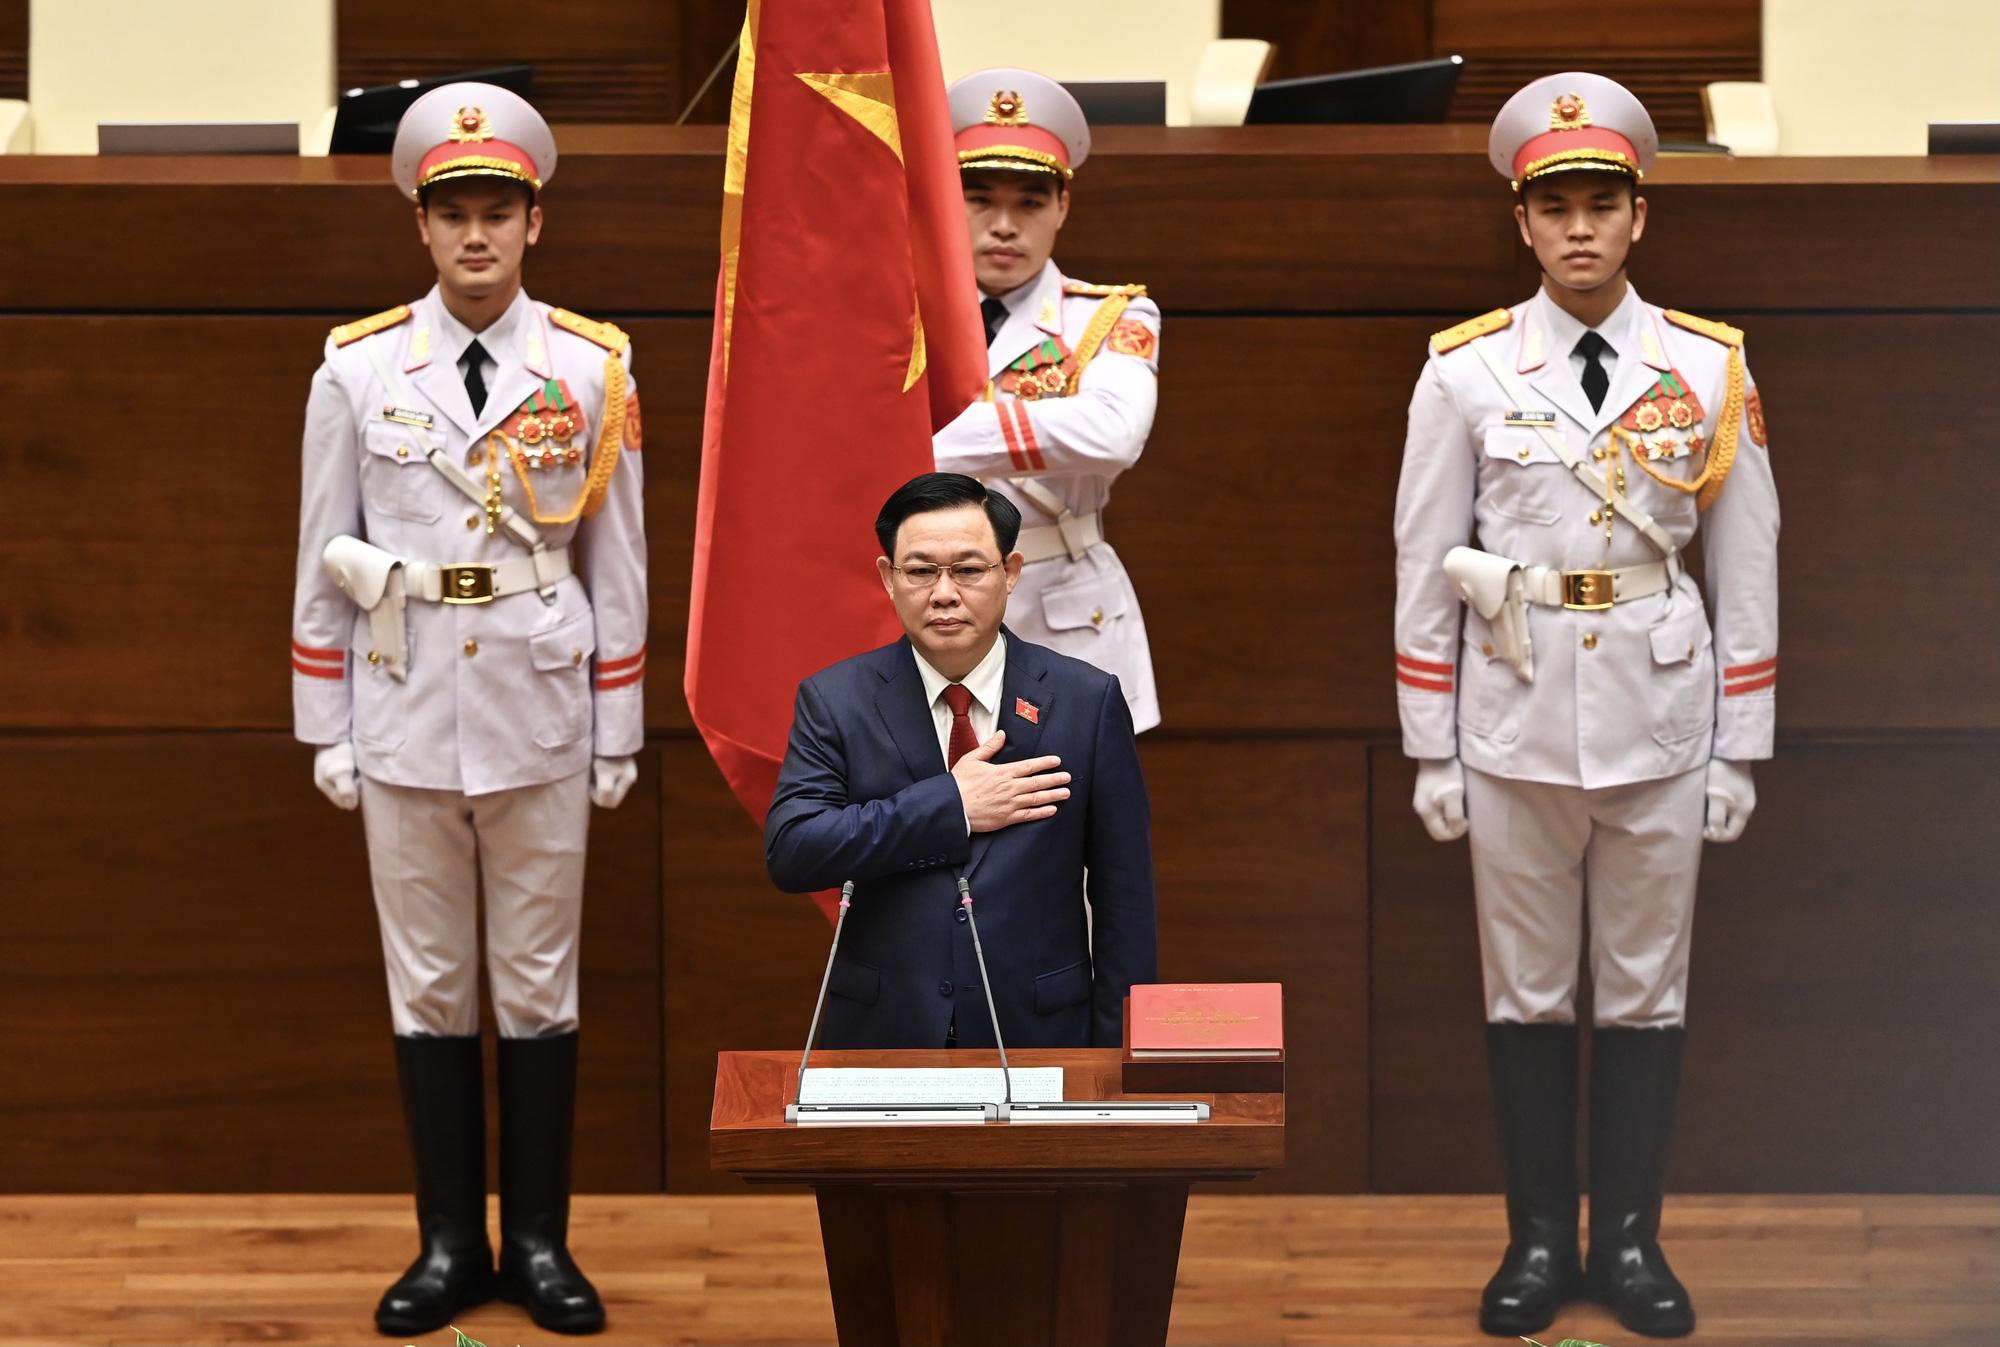 Ảnh: Tân Chủ tịch Quốc hội Vương Đình Huệ tuyên thệ nhậm chức, điều hành phiên họp - Ảnh 2.